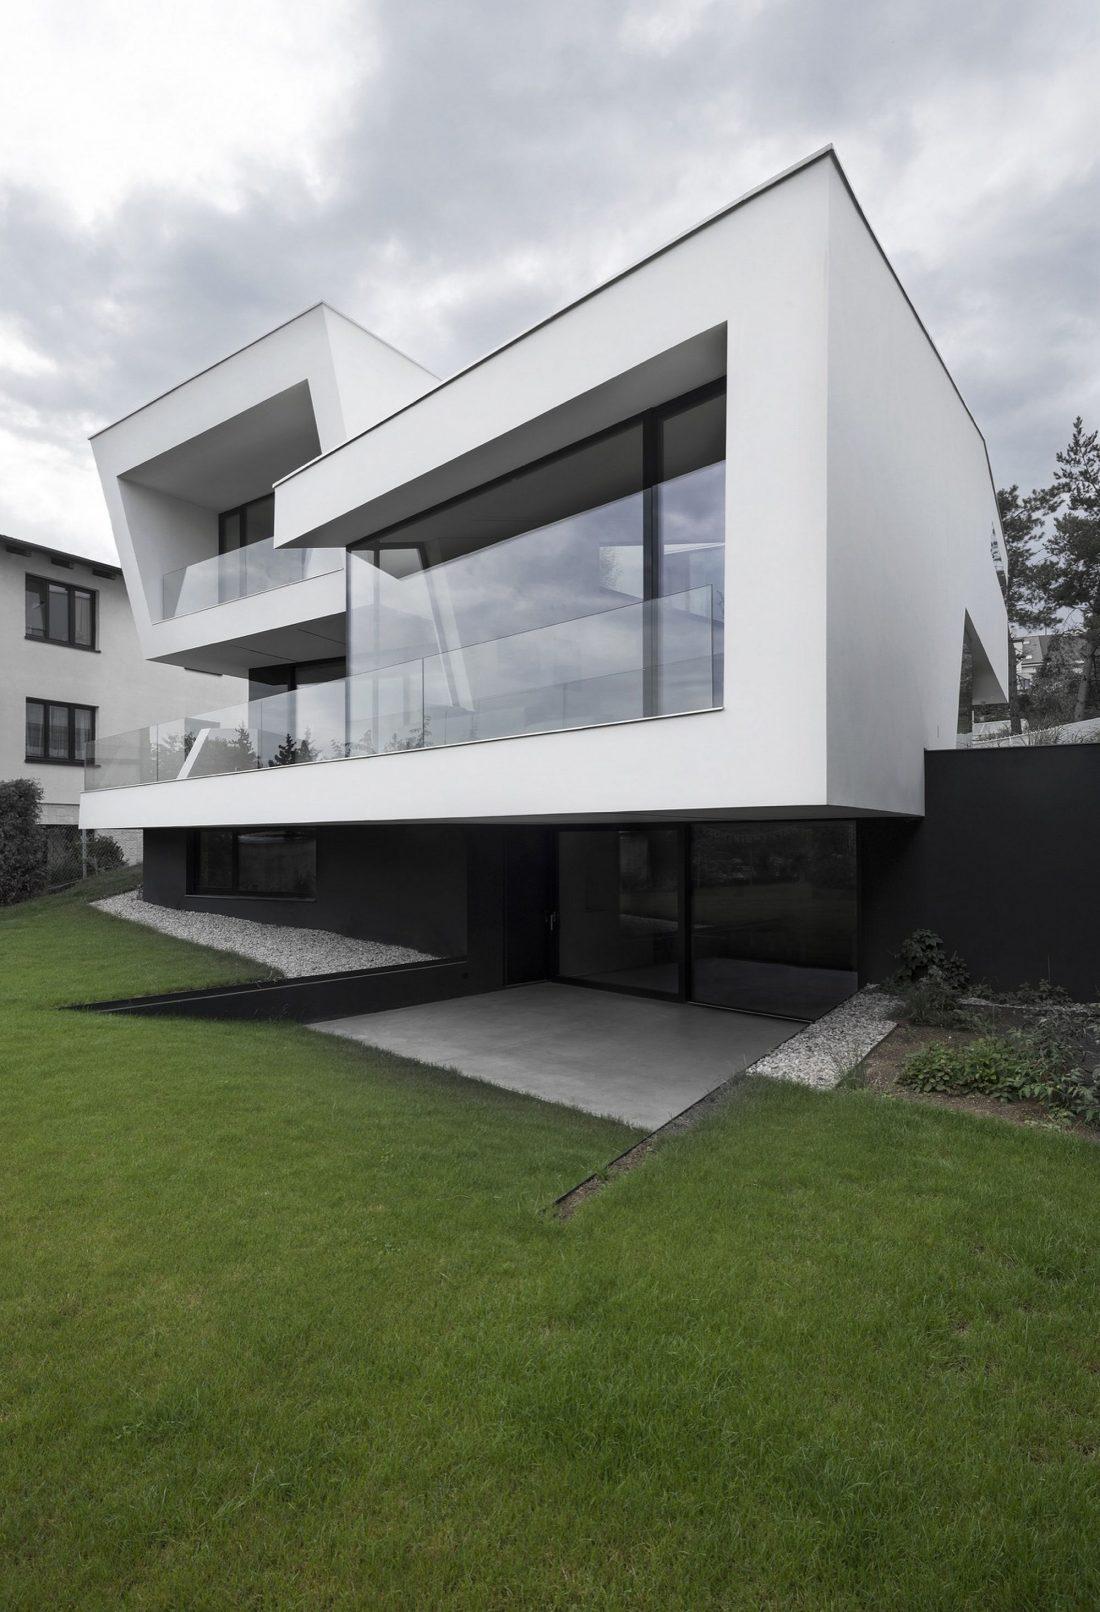 villa-z-v-chehii-v-monohromnom-stile-foto-interera-7